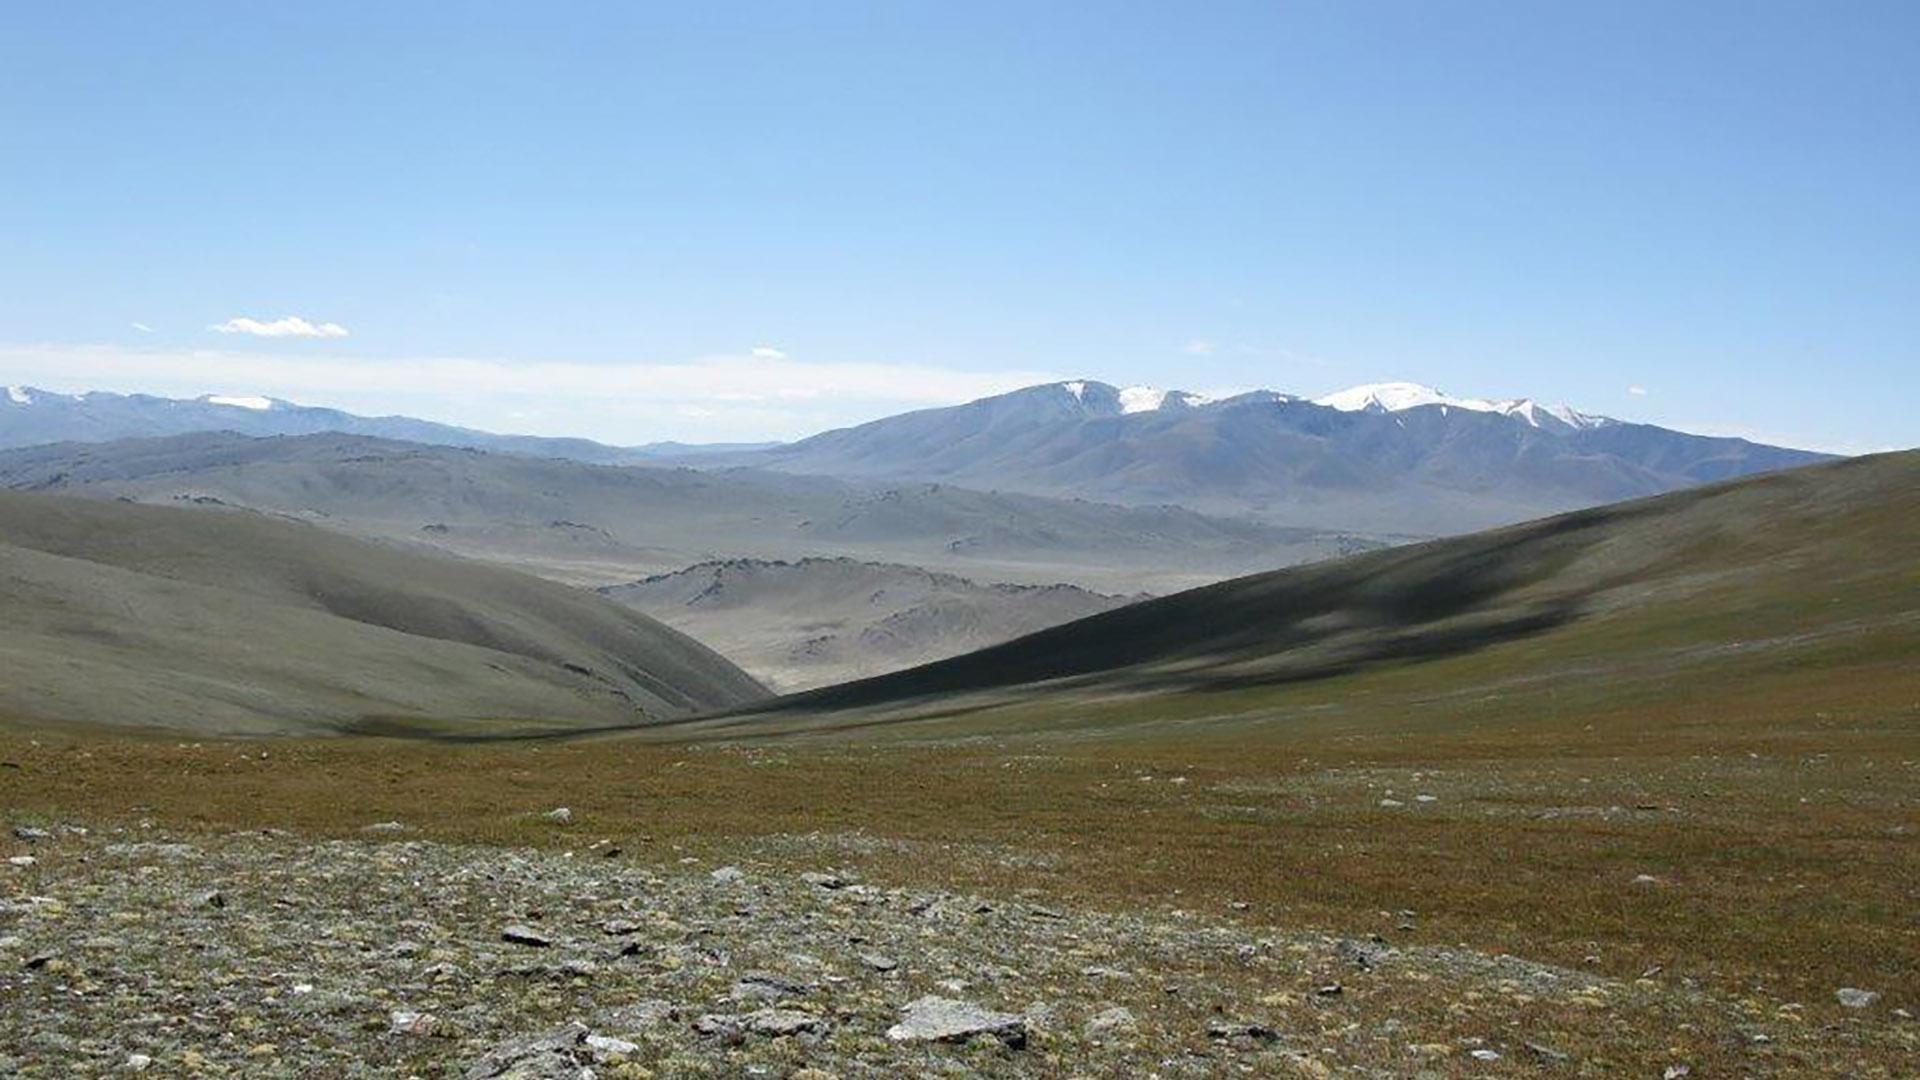 Vayana - einfach sein - Josefine Pfeifhofer - Schamanin in der Mongolei im Altai Gebirge geht sie dem Urschamanismus nach - mobil